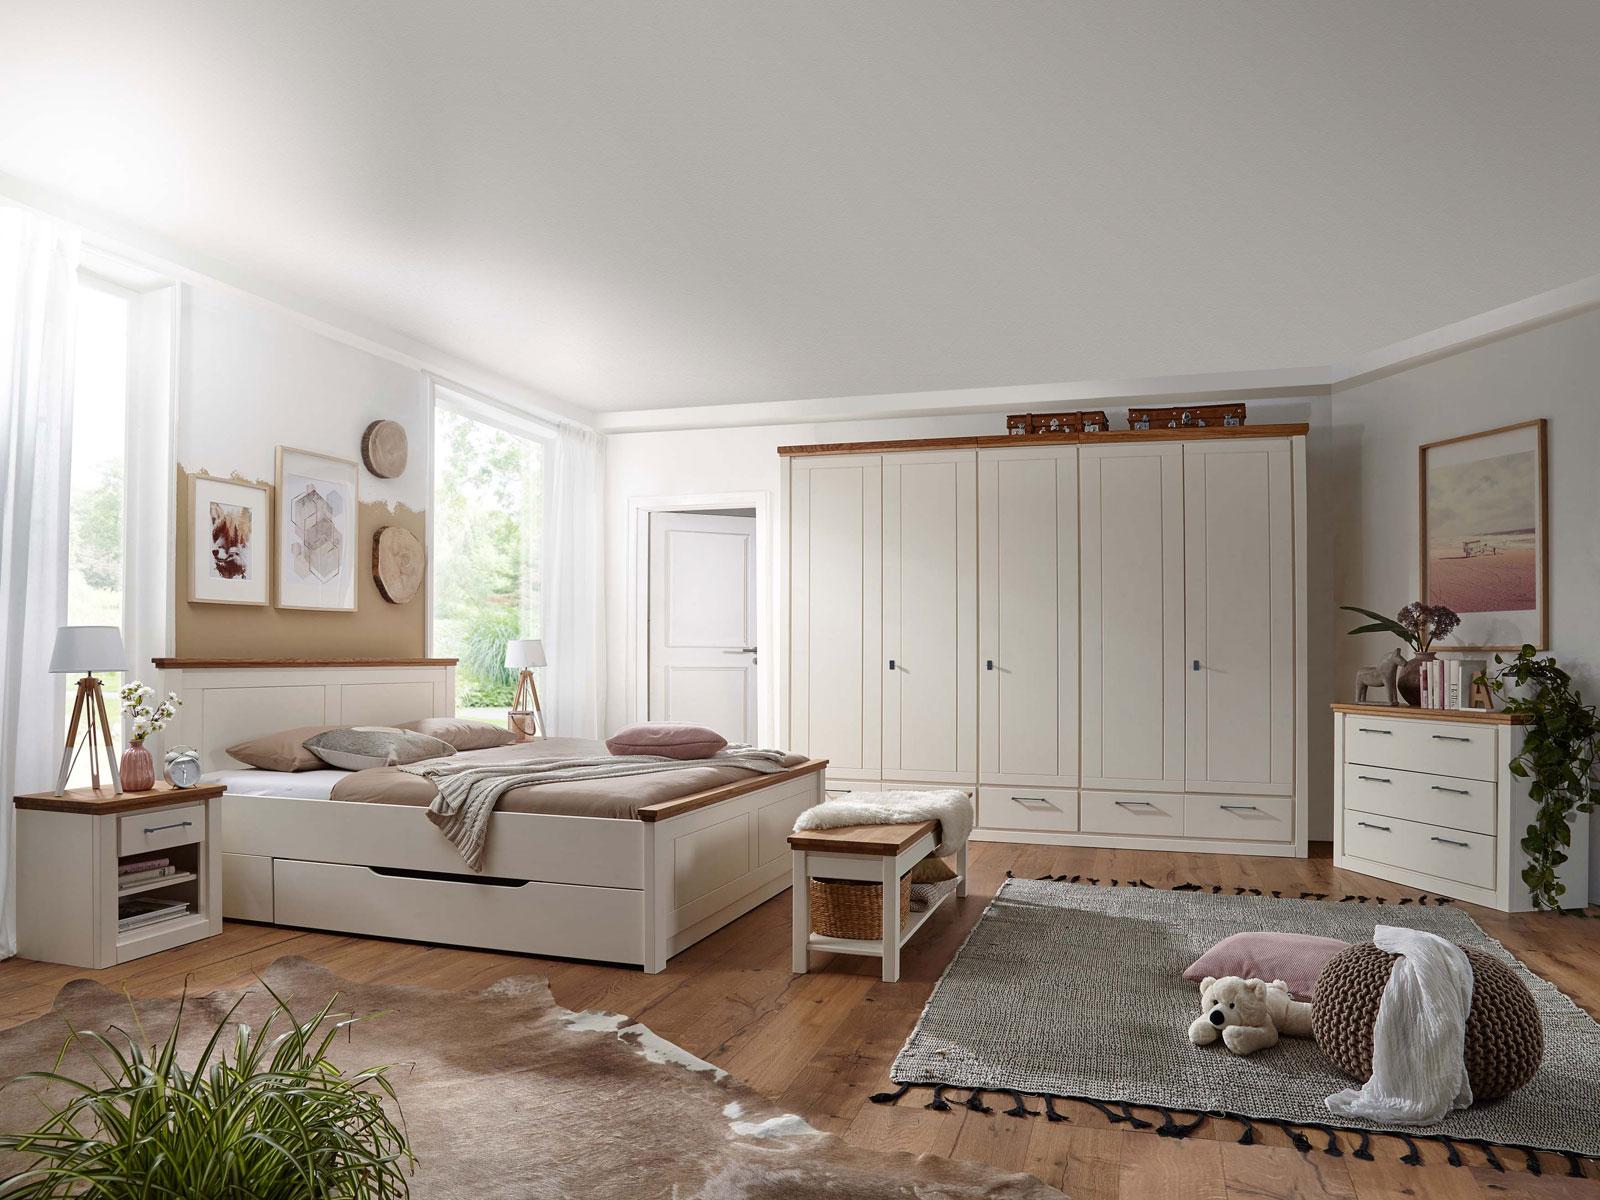 Bett Doppelbett Provence 180 x 200 cm Pinie Nordica creme und Eiche massiv  geölt